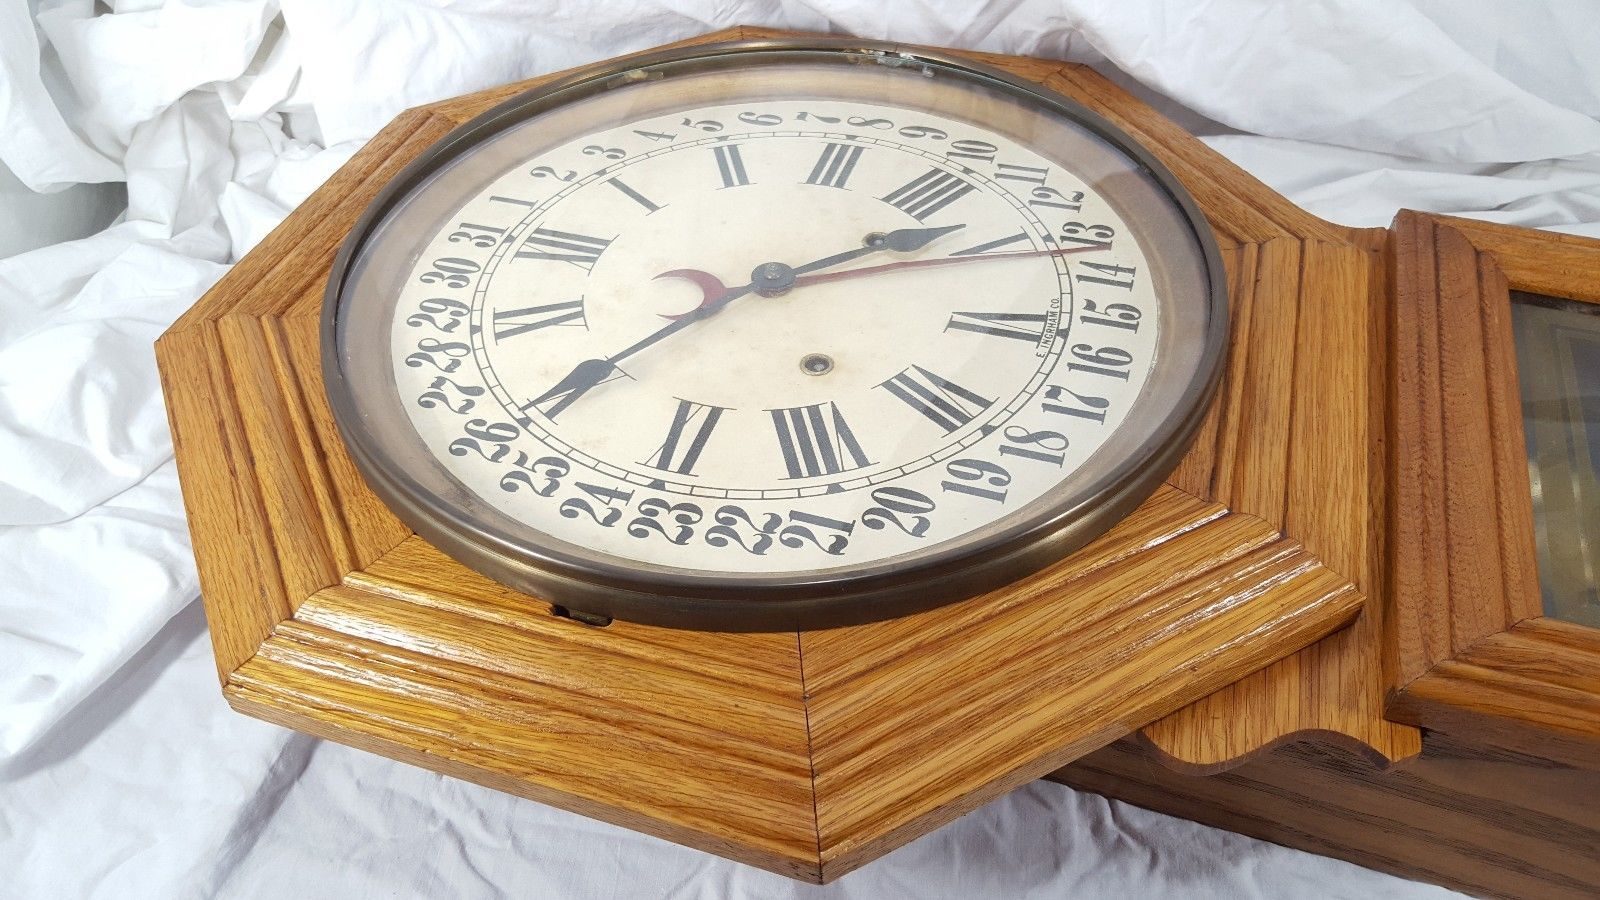 Calendar Clock Wallpaper : 1900s e ingraham dew drop calendar wall clock antique roman numerals